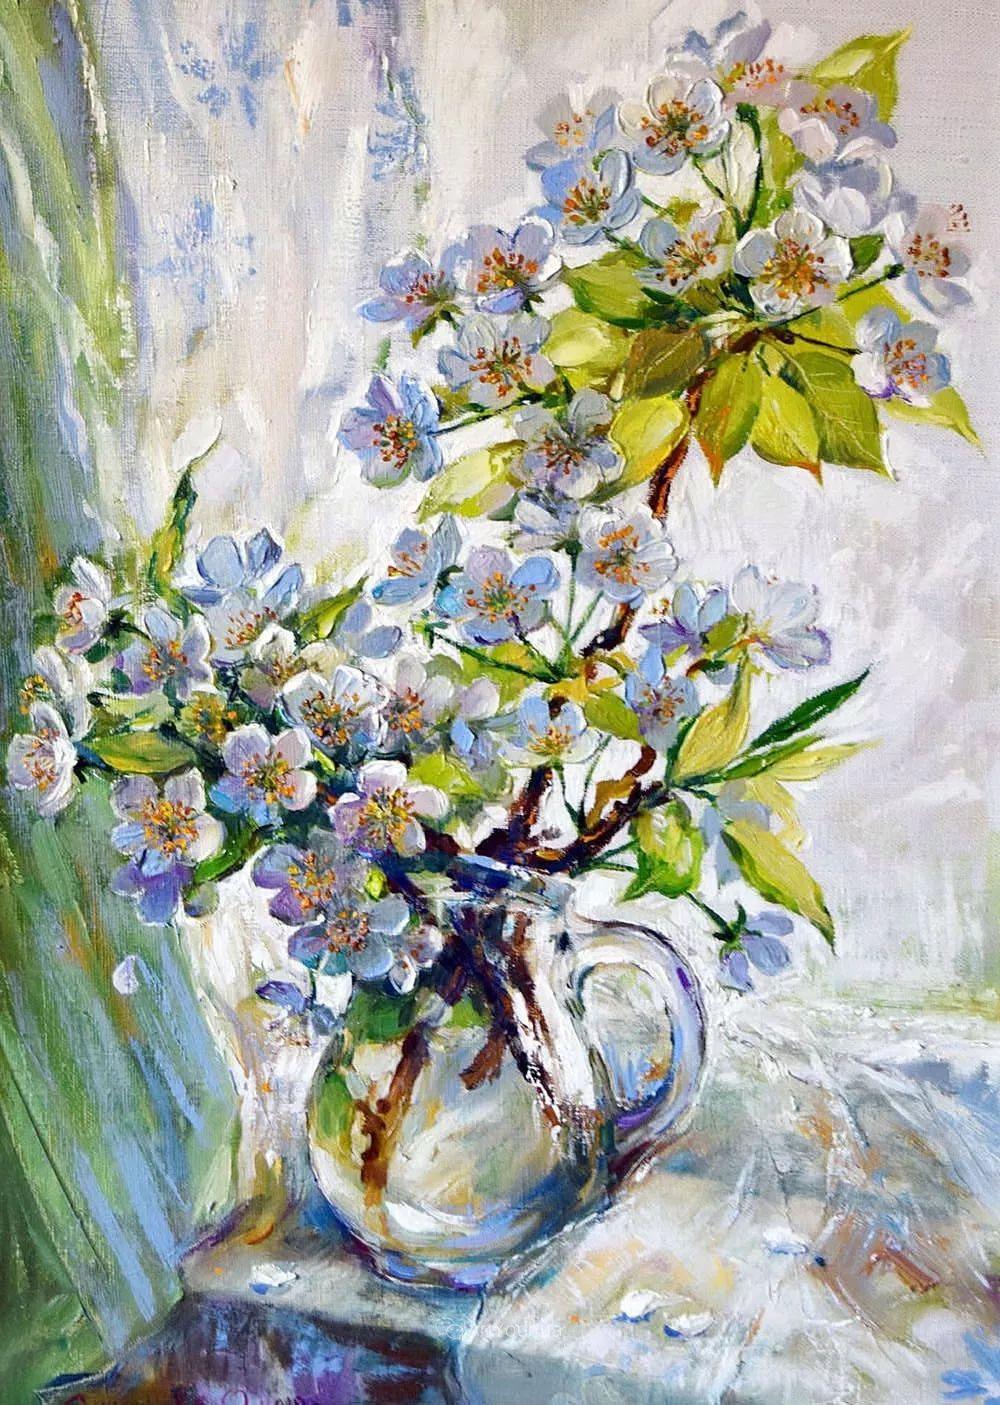 静物花卉与风景,俄罗斯艺术家Simonova Olga Georgievna插图1